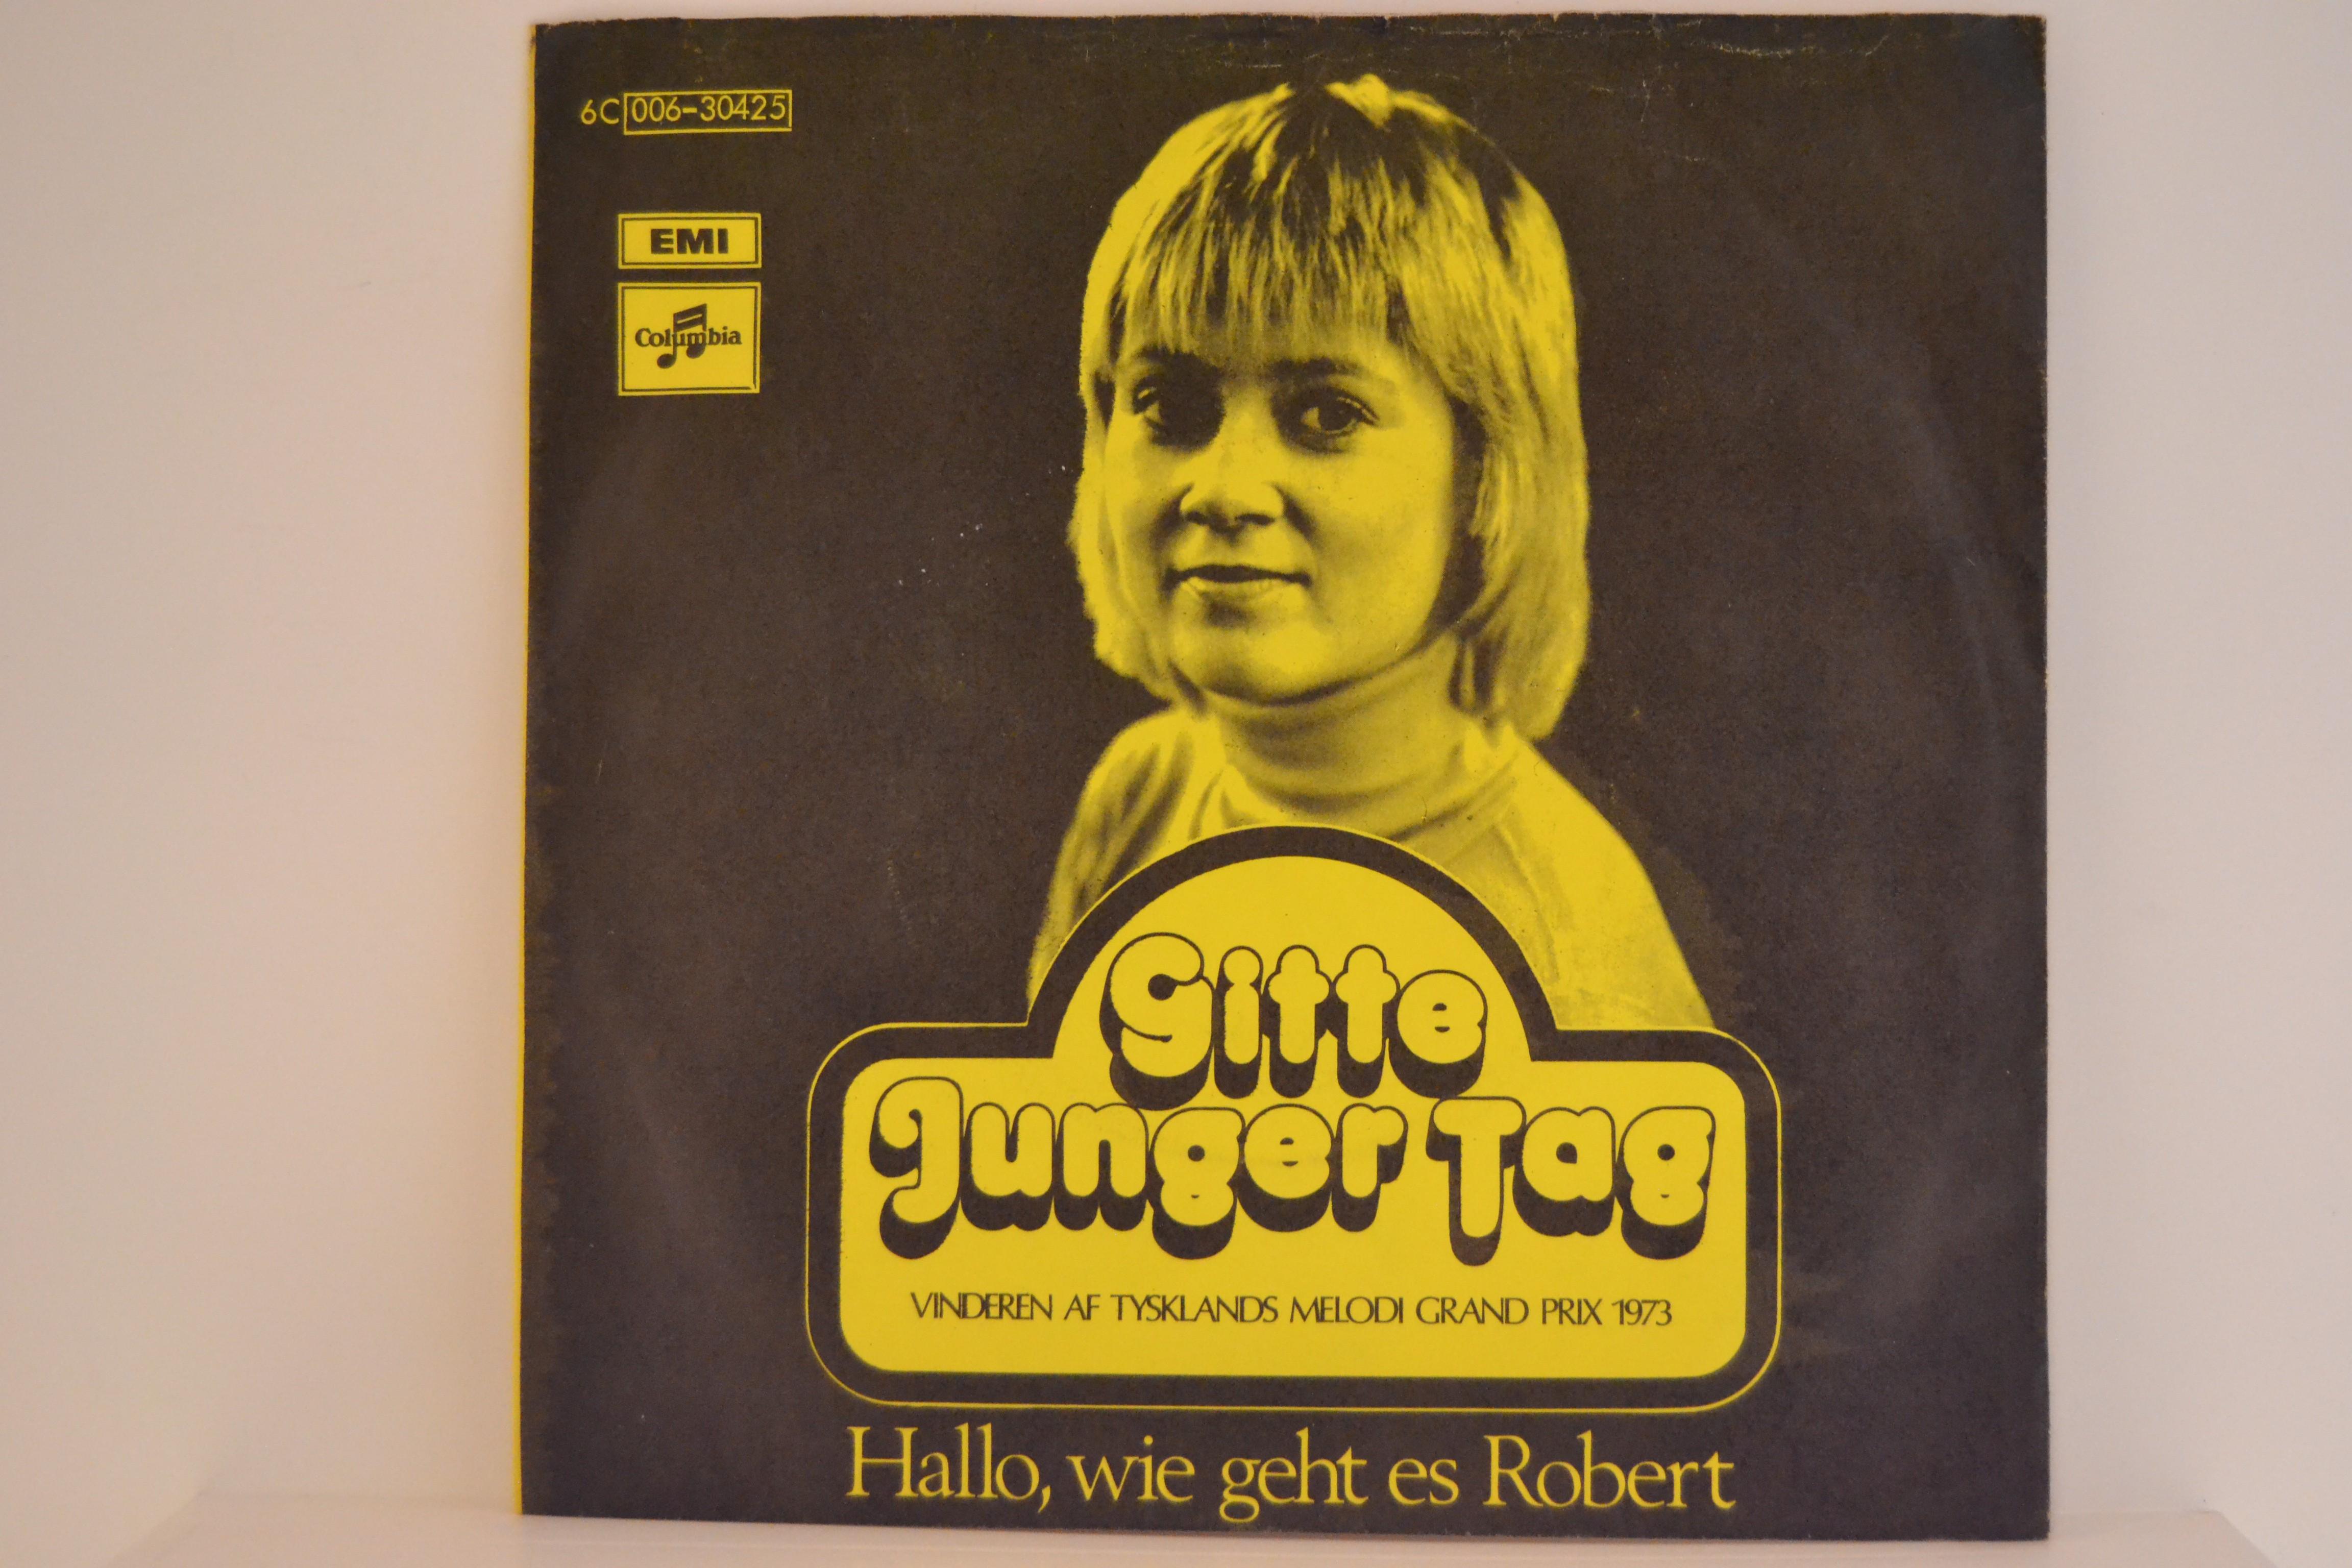 GITTE HENNING : Junger tag / Hallo, wie geht es Robert